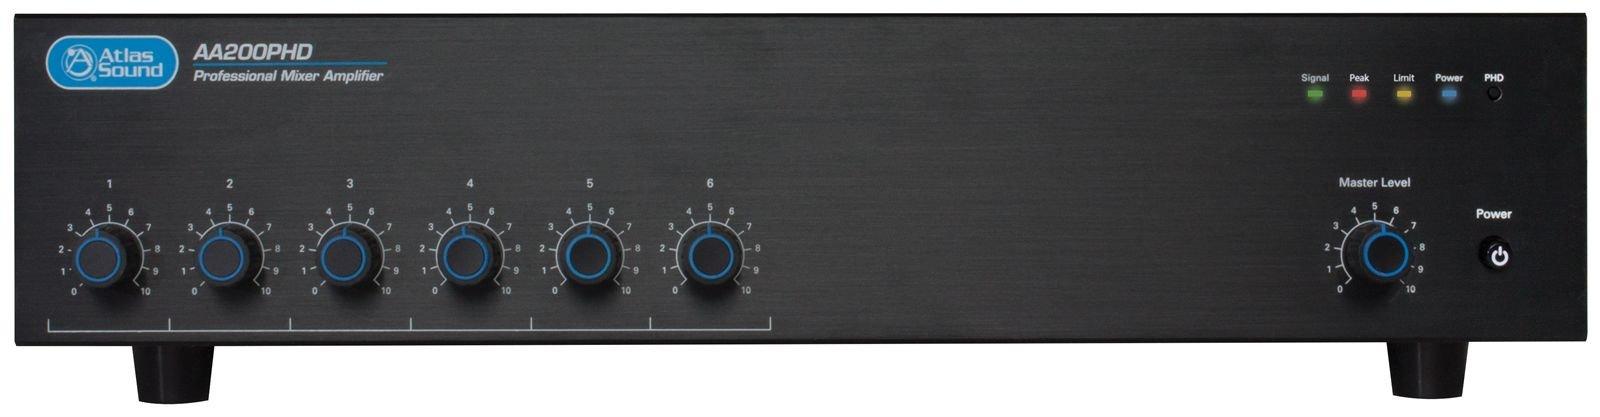 Atlas Sound 200W 6 Input Mixer Amplifier